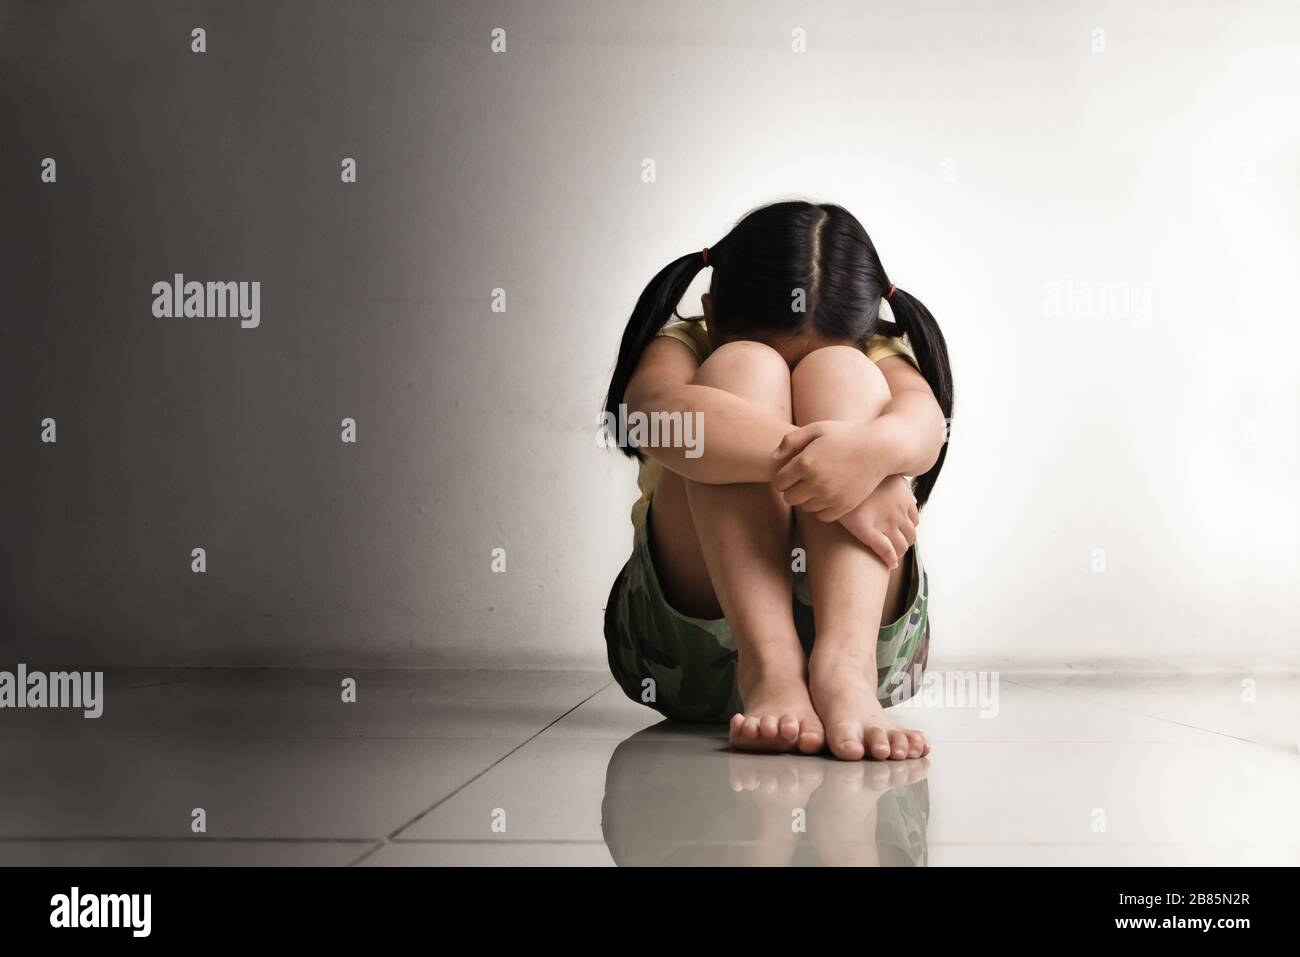 Solos y asustados, niños deprimidos tristes llorando en el cuarto oscuro después de ser intimidados Foto de stock